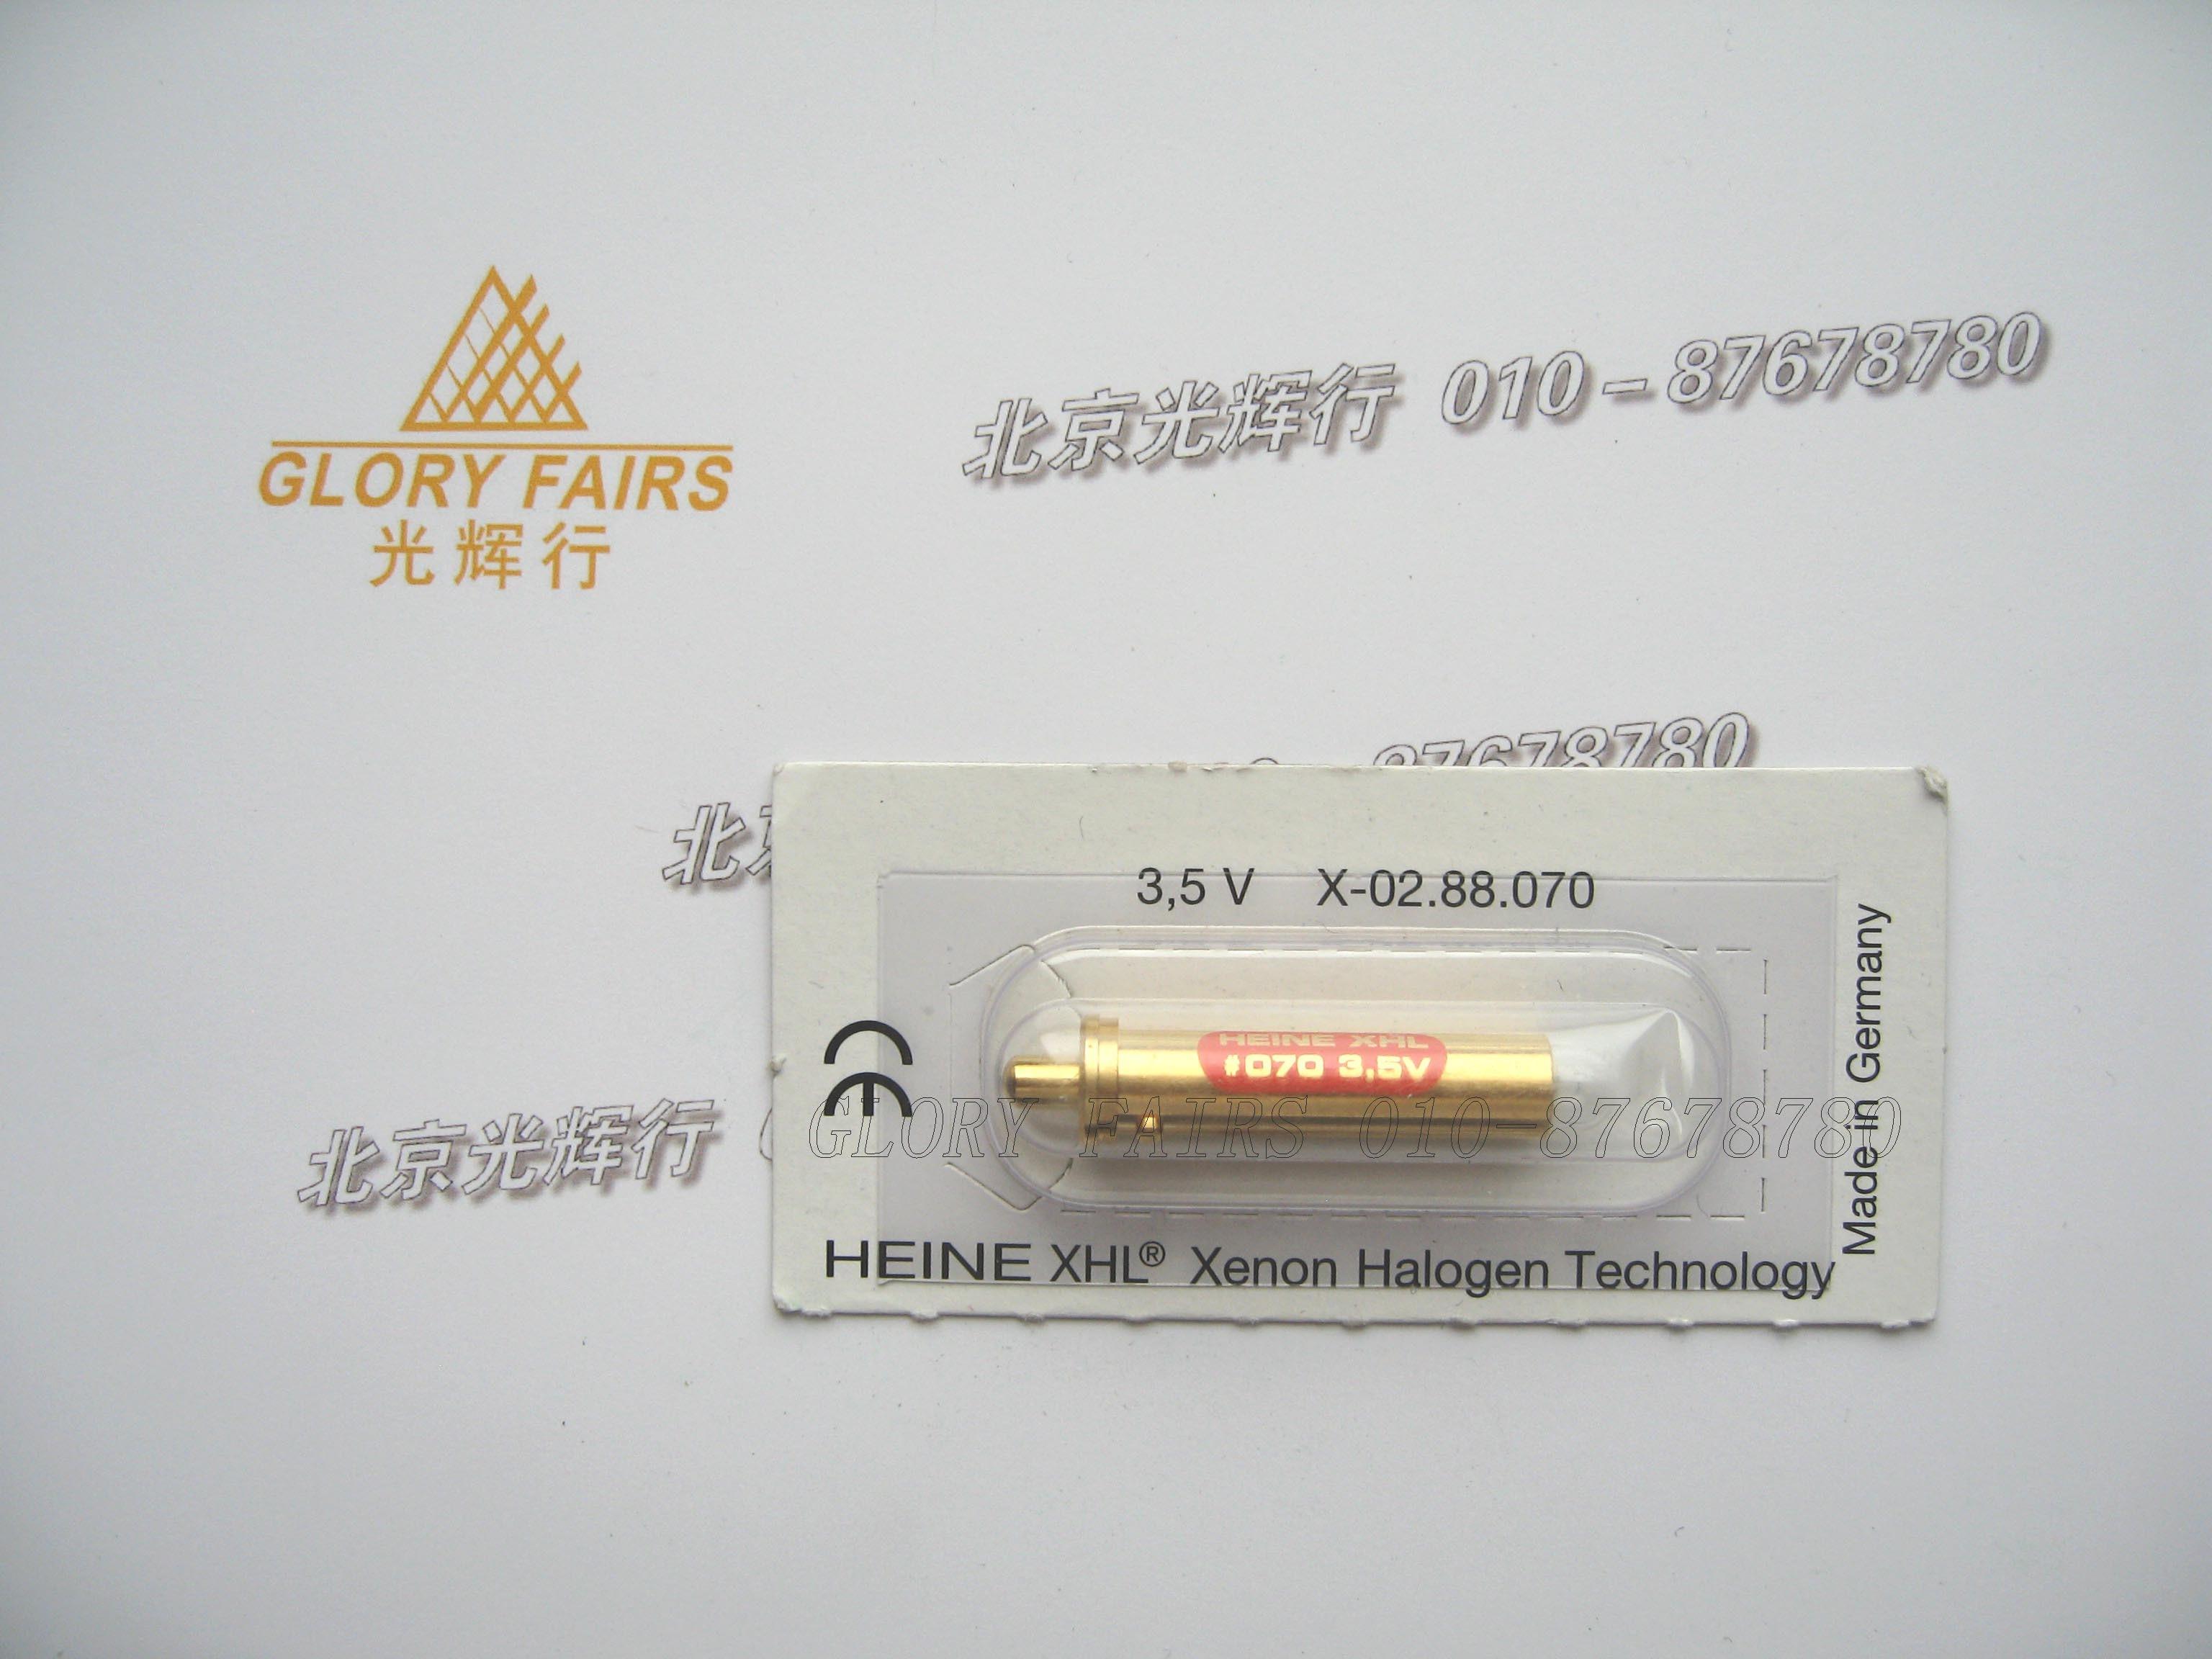 Галогенная лампа x/02.88.070 Heine XHL #070